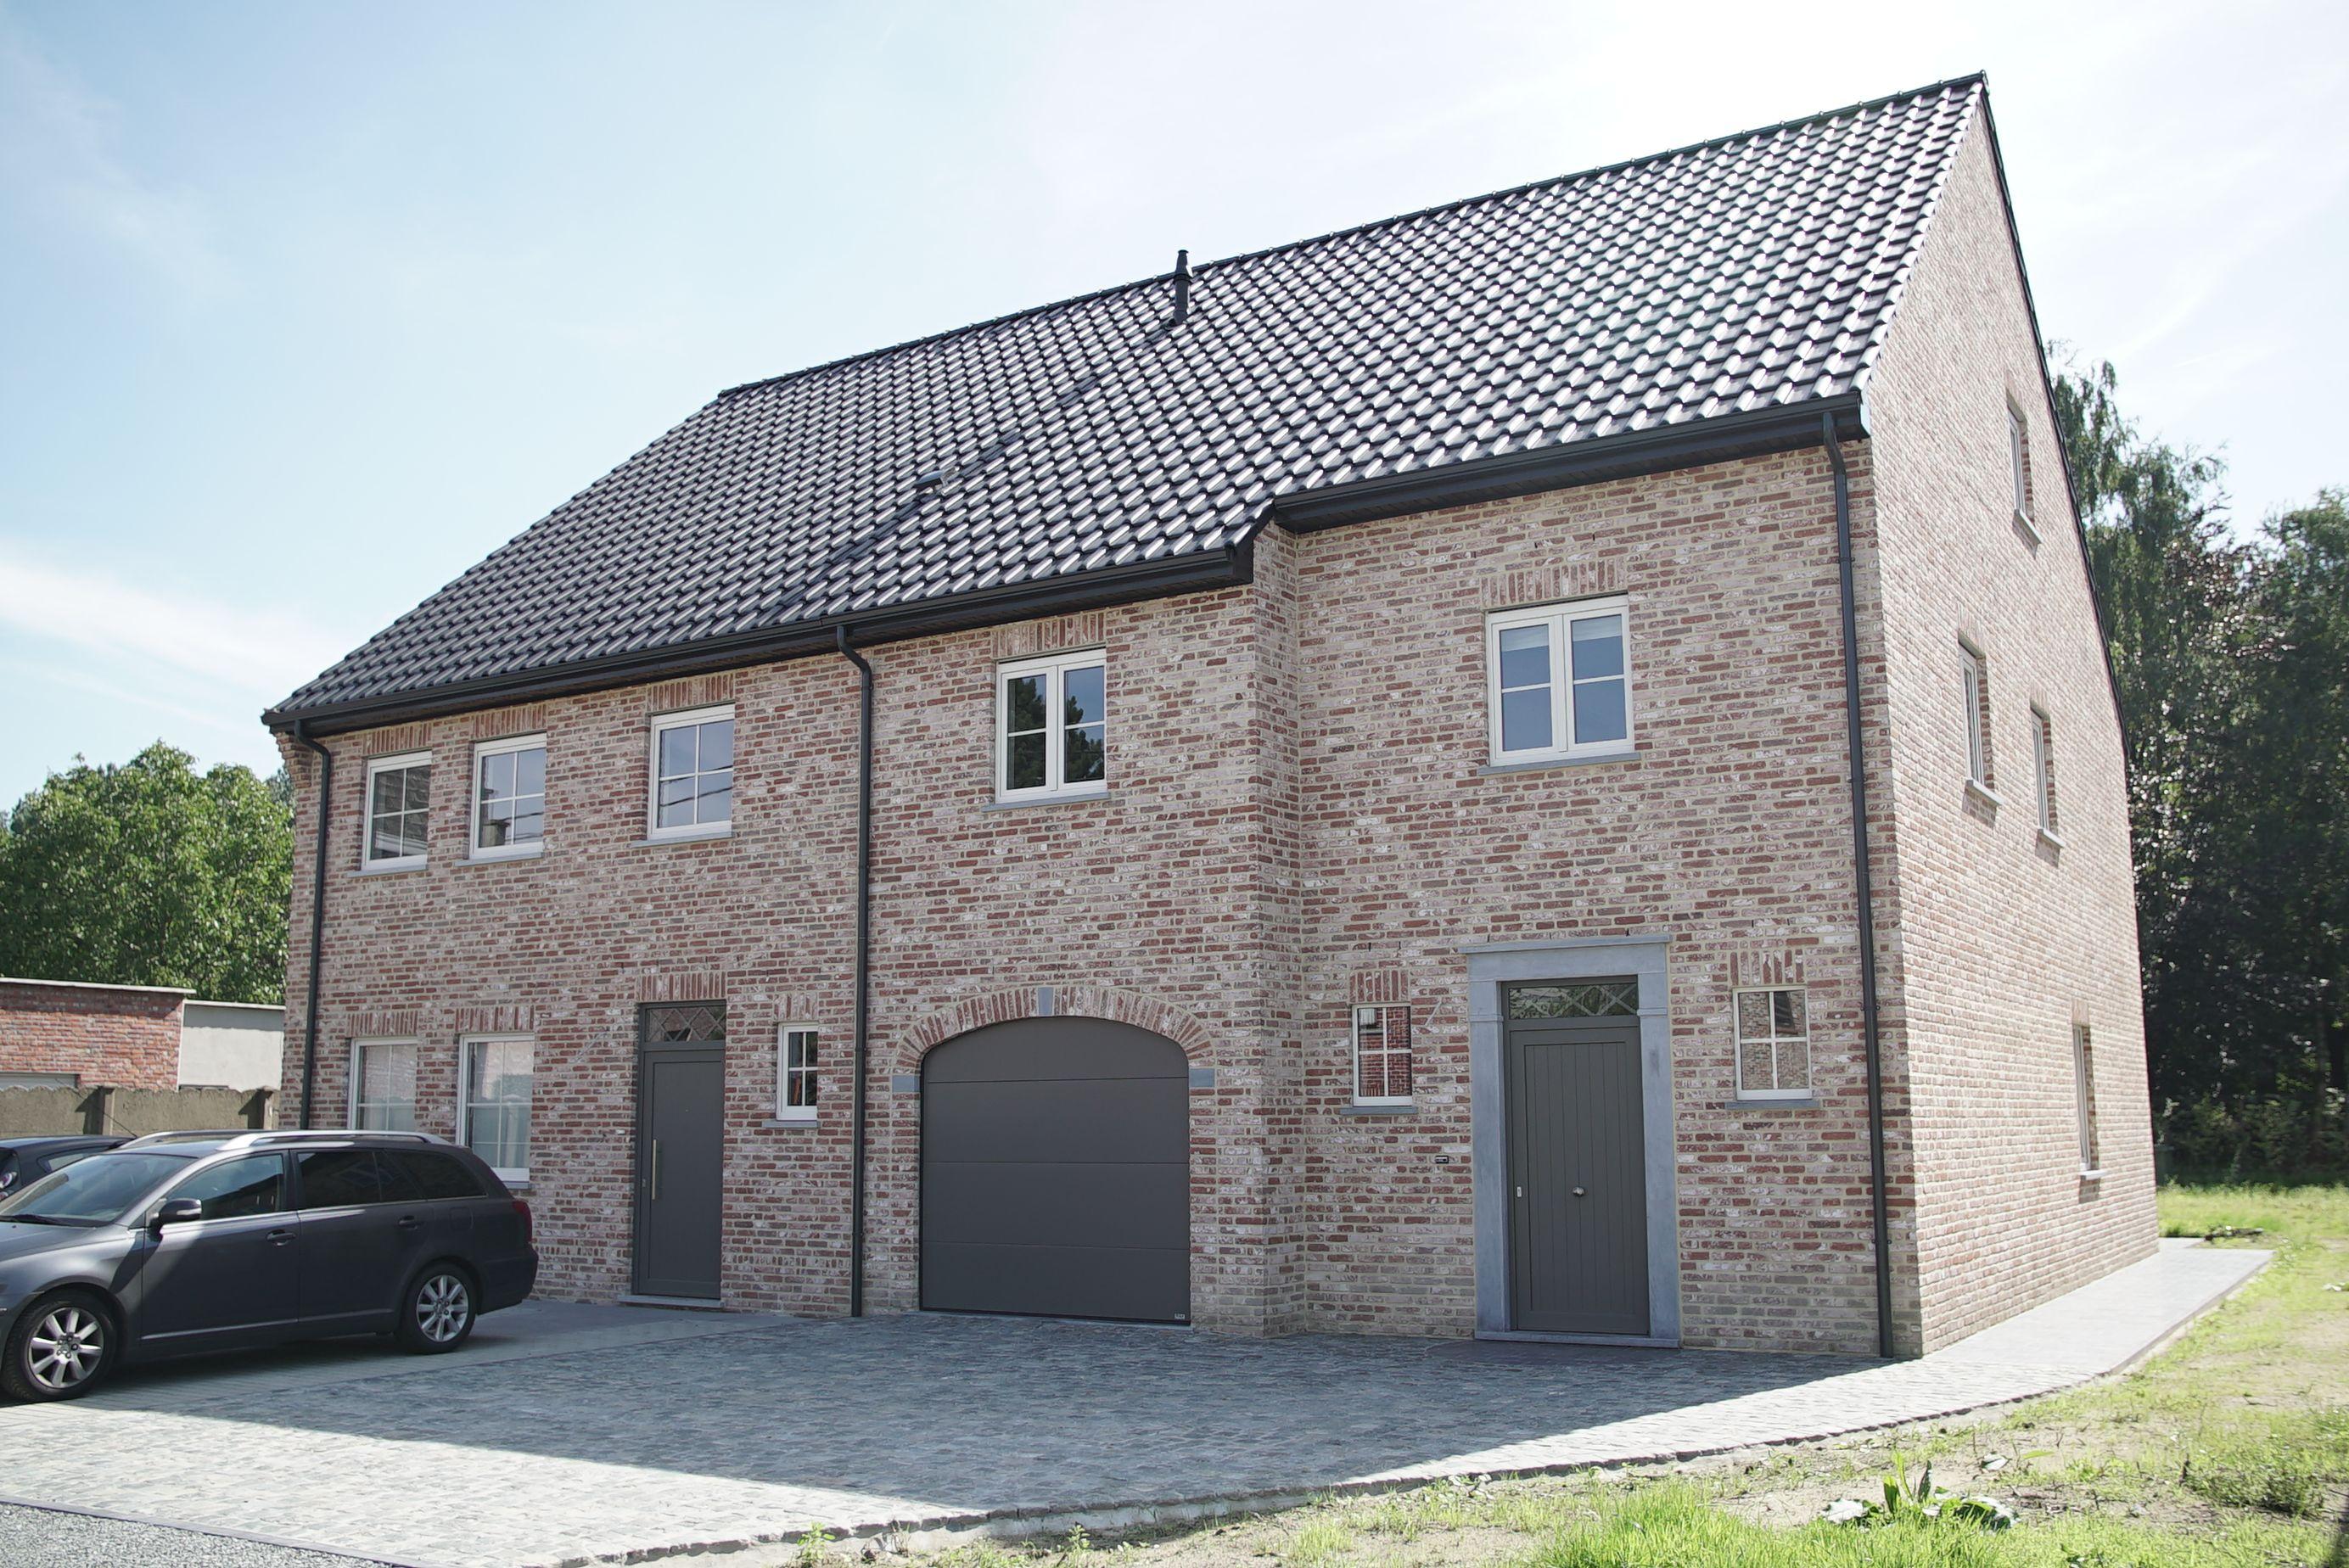 Landelijke sleutel op de deur nieuwbouw woningen met oprit garage terras en ruime tuin - Terras eigentijds huis ...